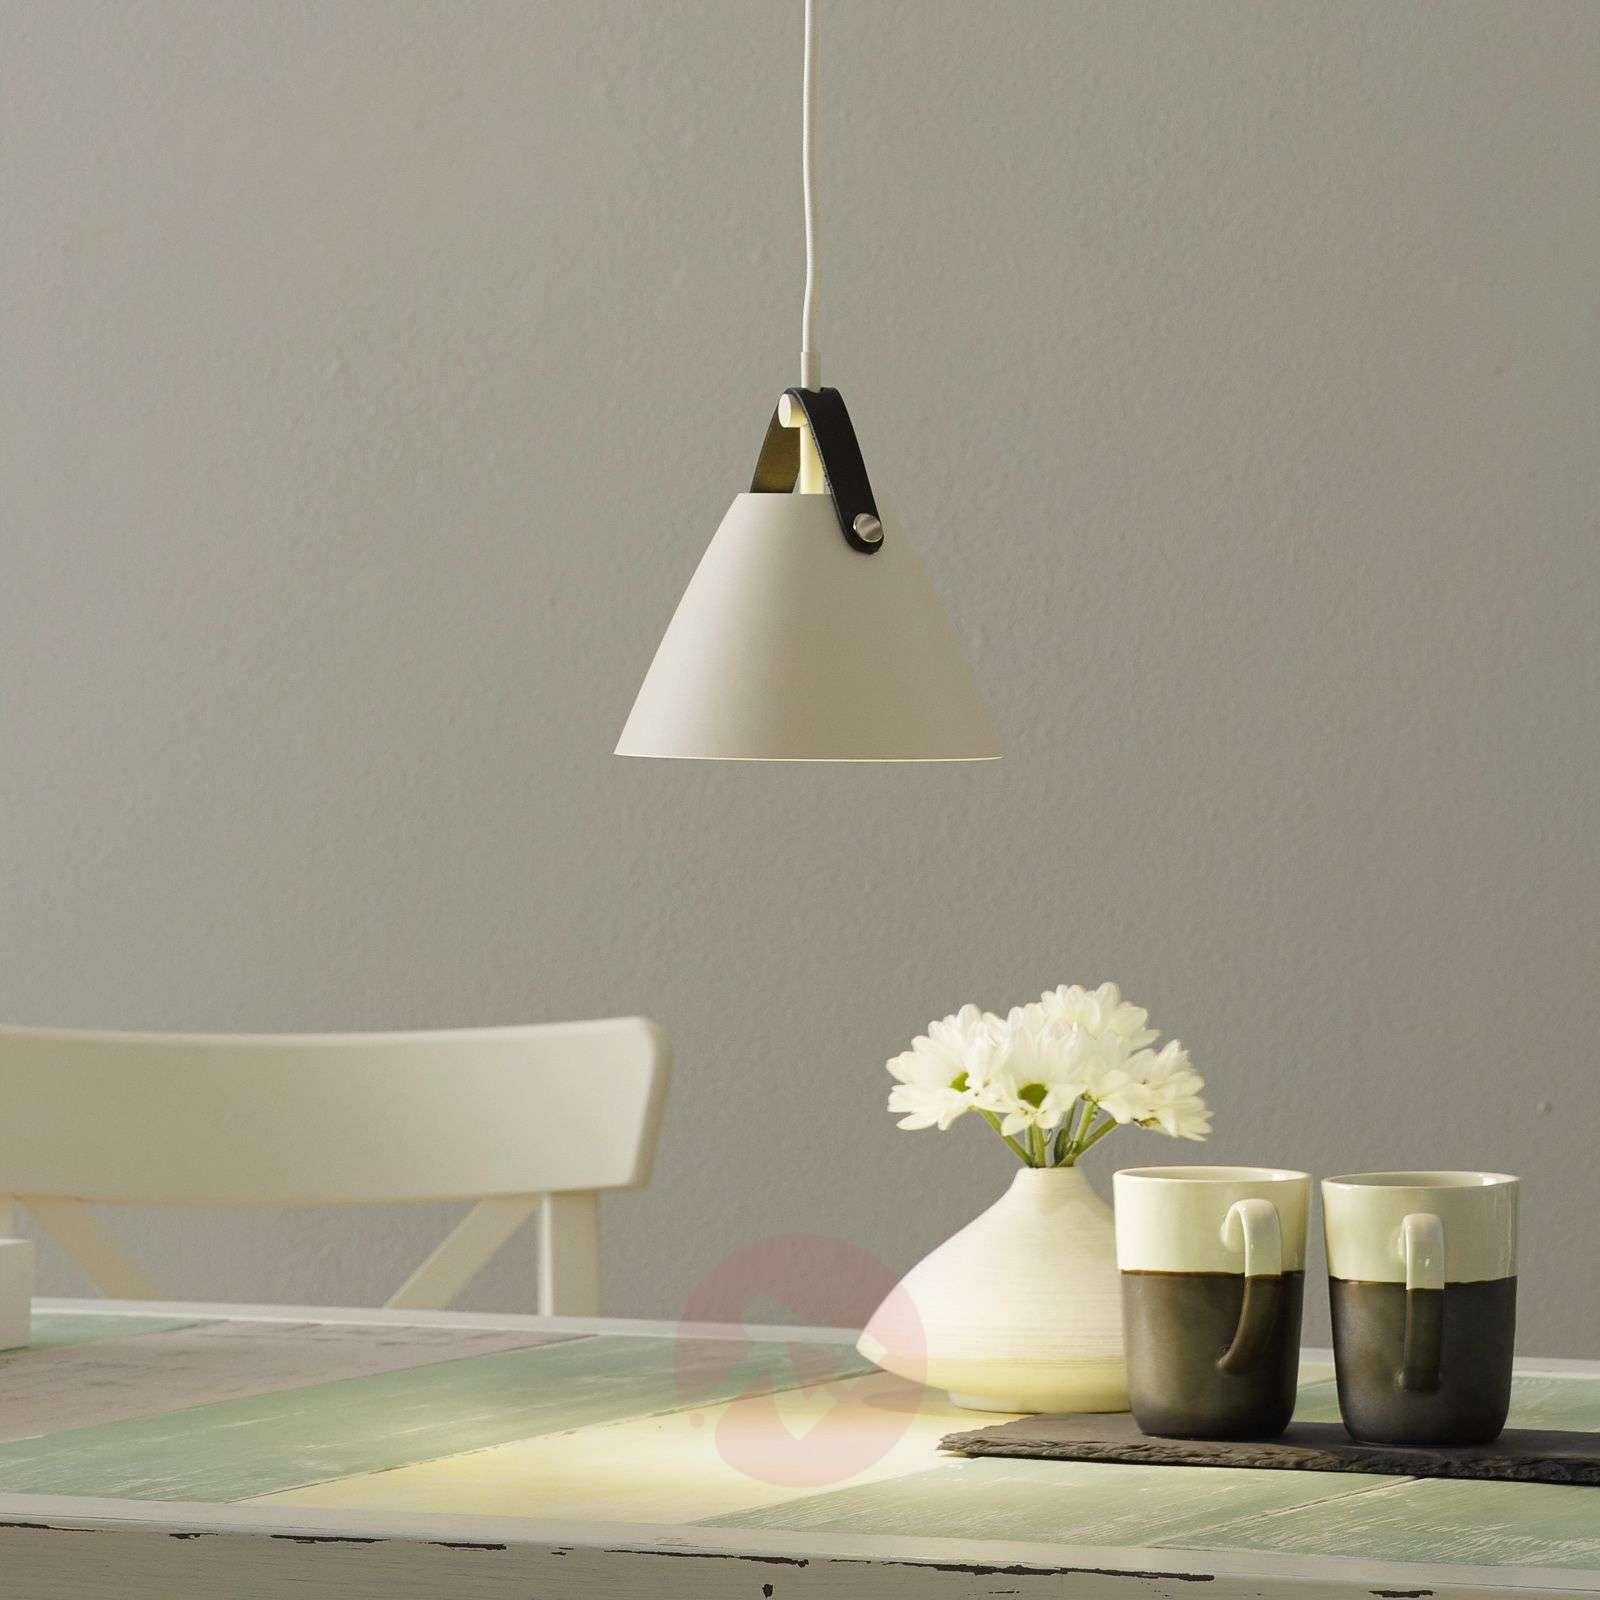 Strap hanging light, 16.5cm diameter, white-7006072-01